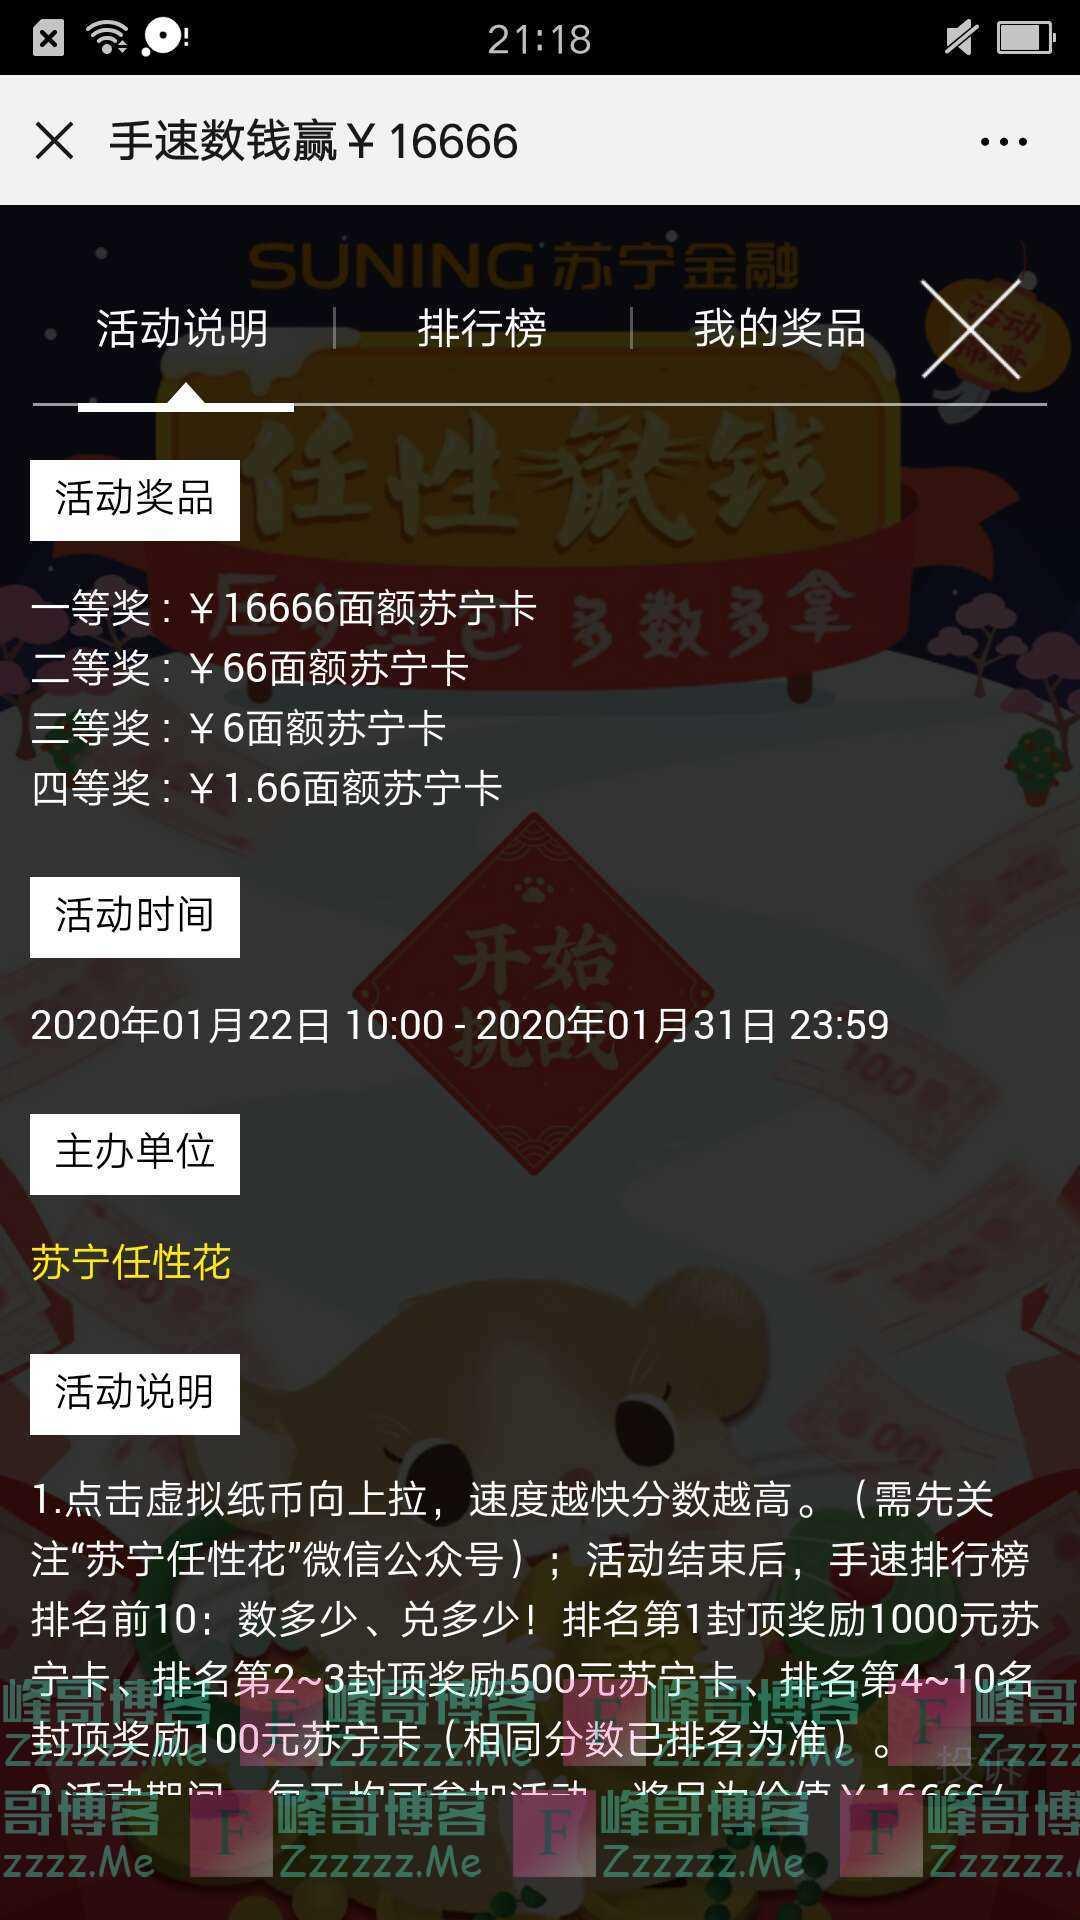 苏宁任性花手速数钱赢16666元苏宁卡(截止1月31日)